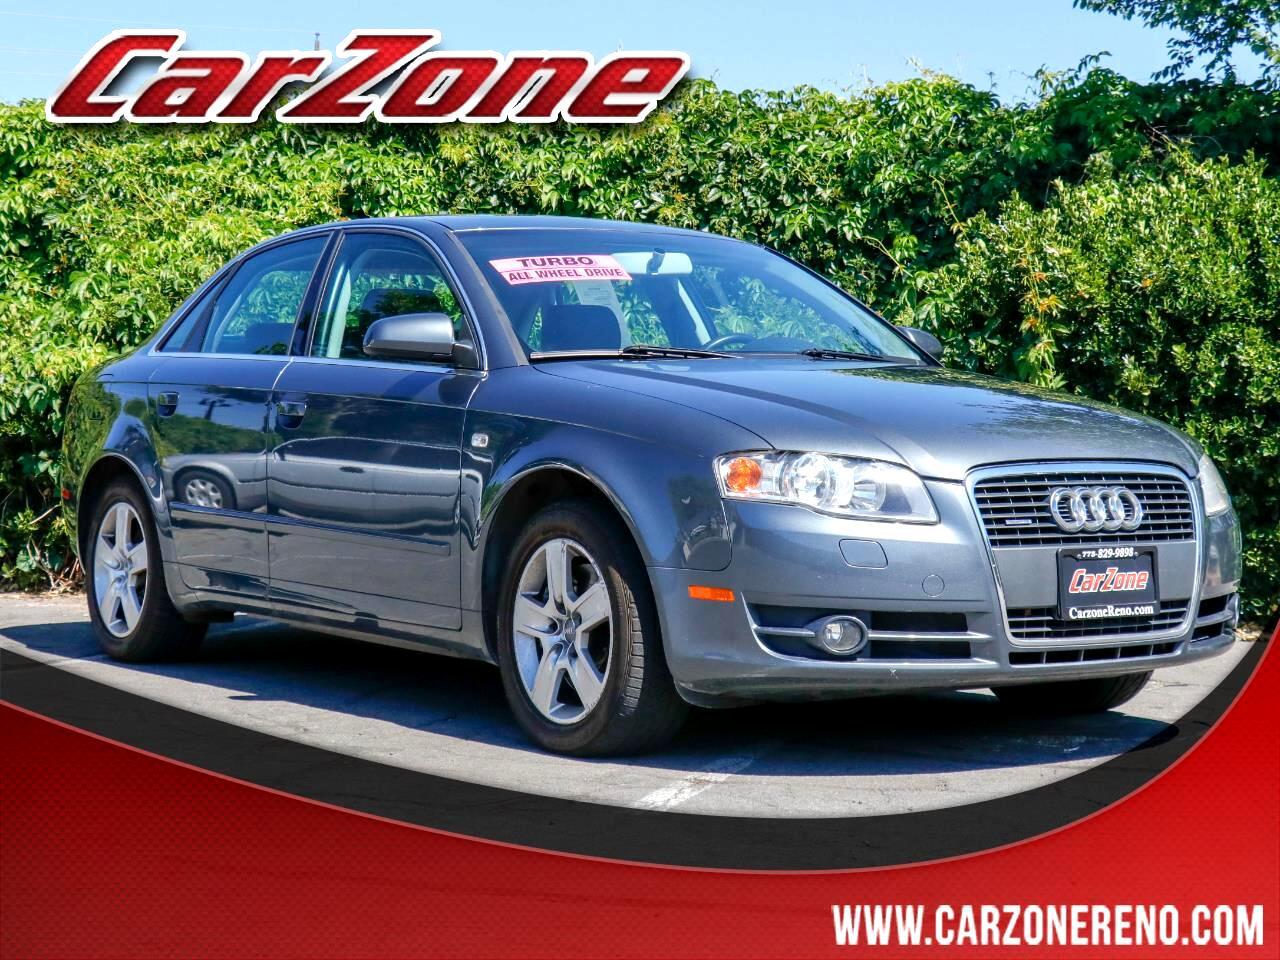 2005 Audi A4 2005.5 4dr Sdn 2.0T quattro Auto